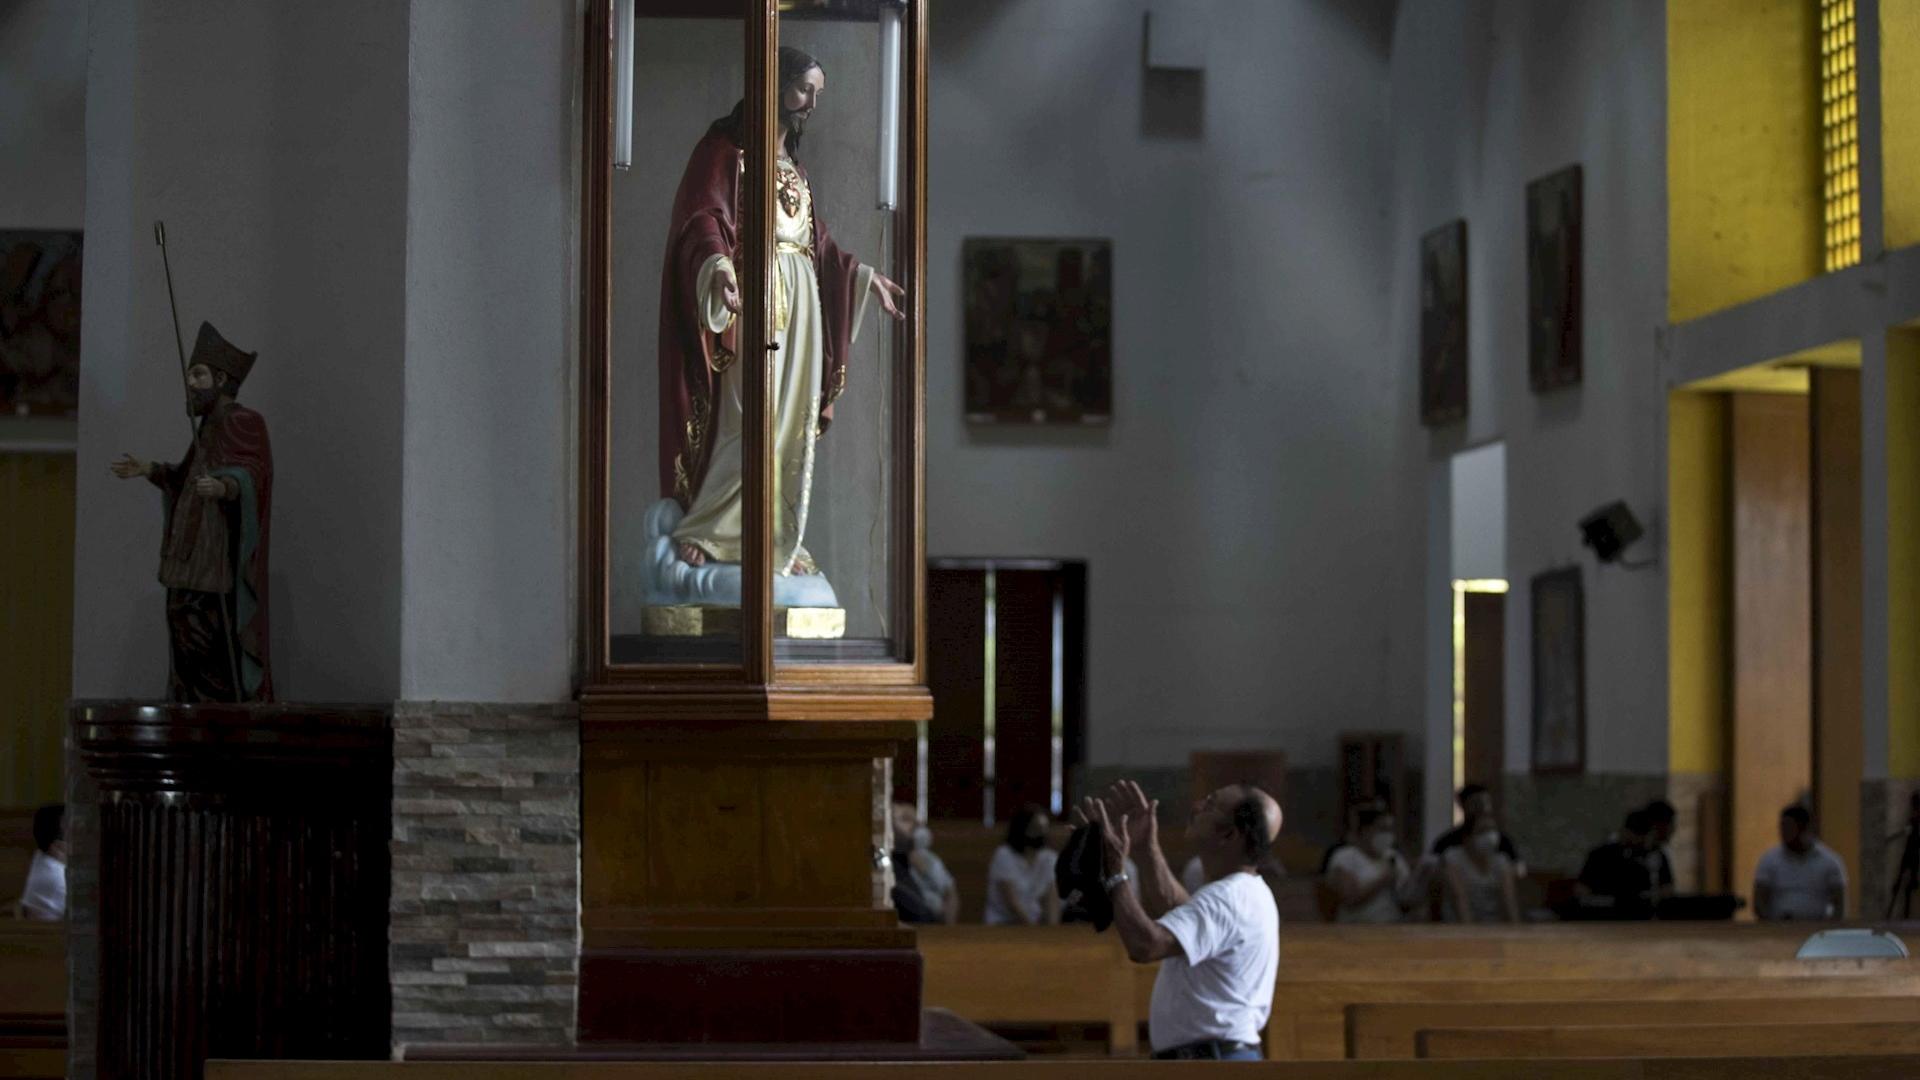 Fieles Managua Nicaragua iglesia calcinada 2